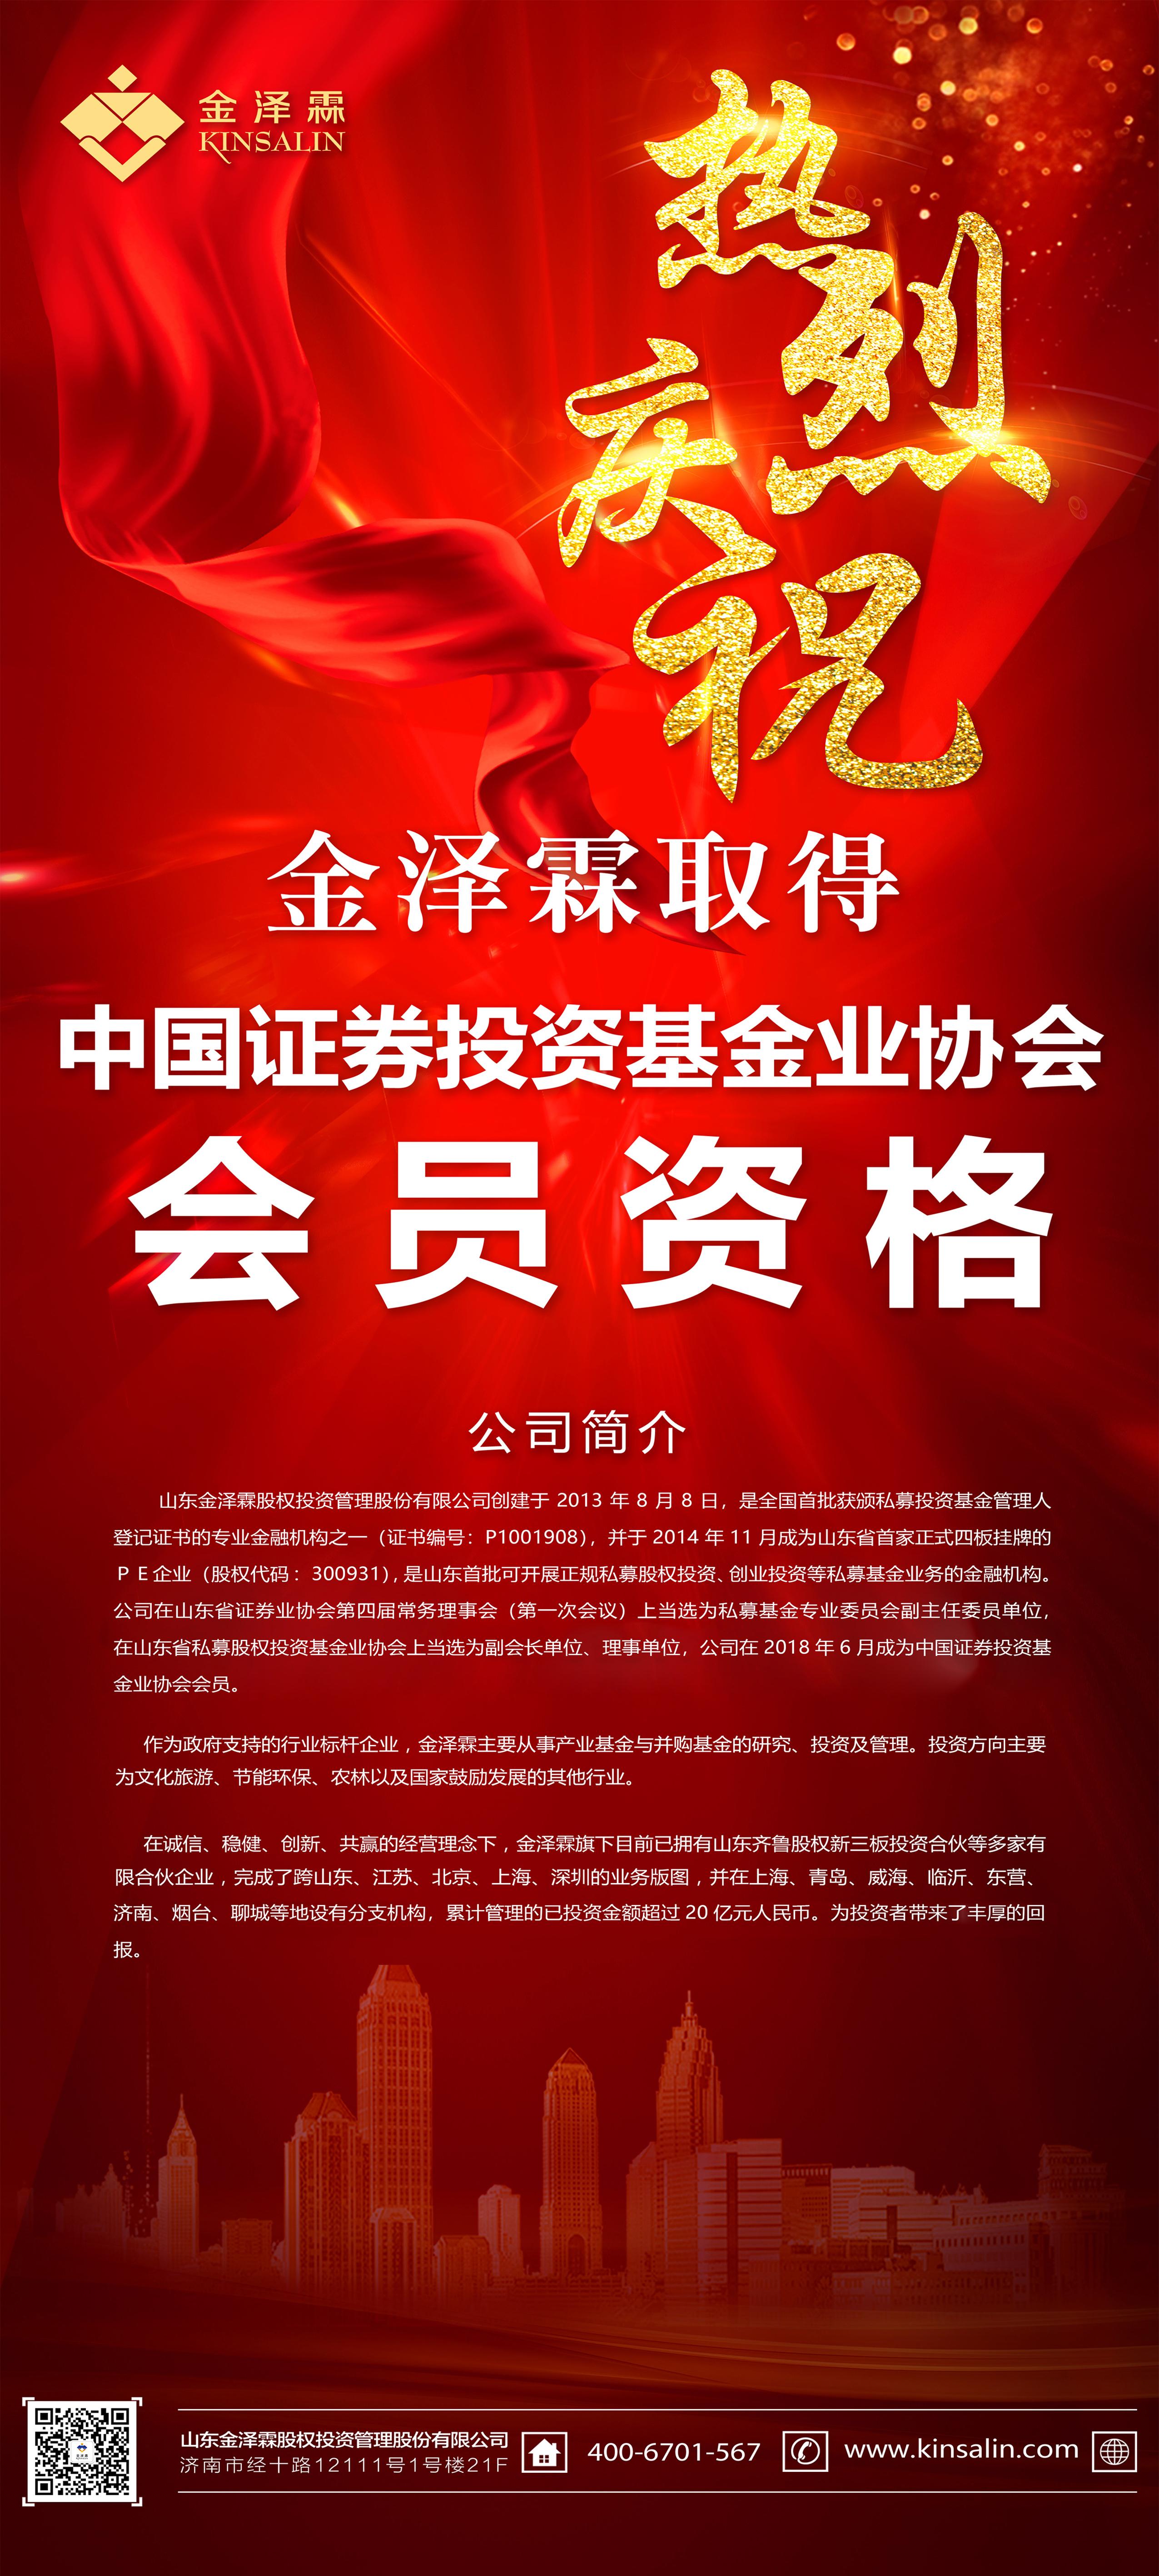 贺金泽霖取得中国证券投资基金业协会会员资格